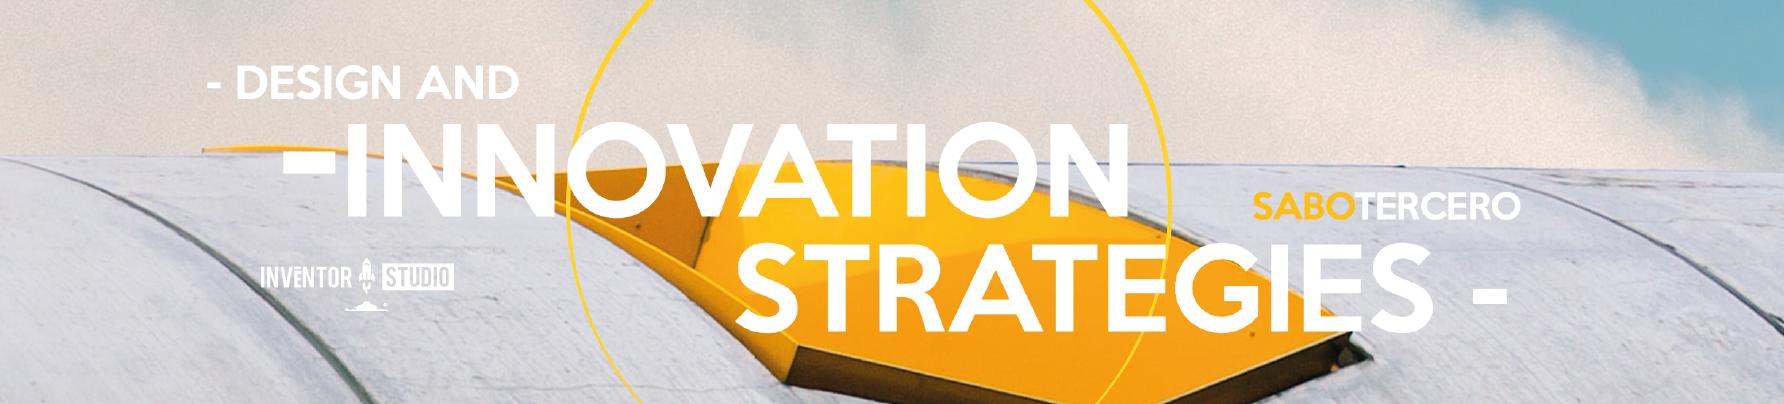 Estrategias de Innovación